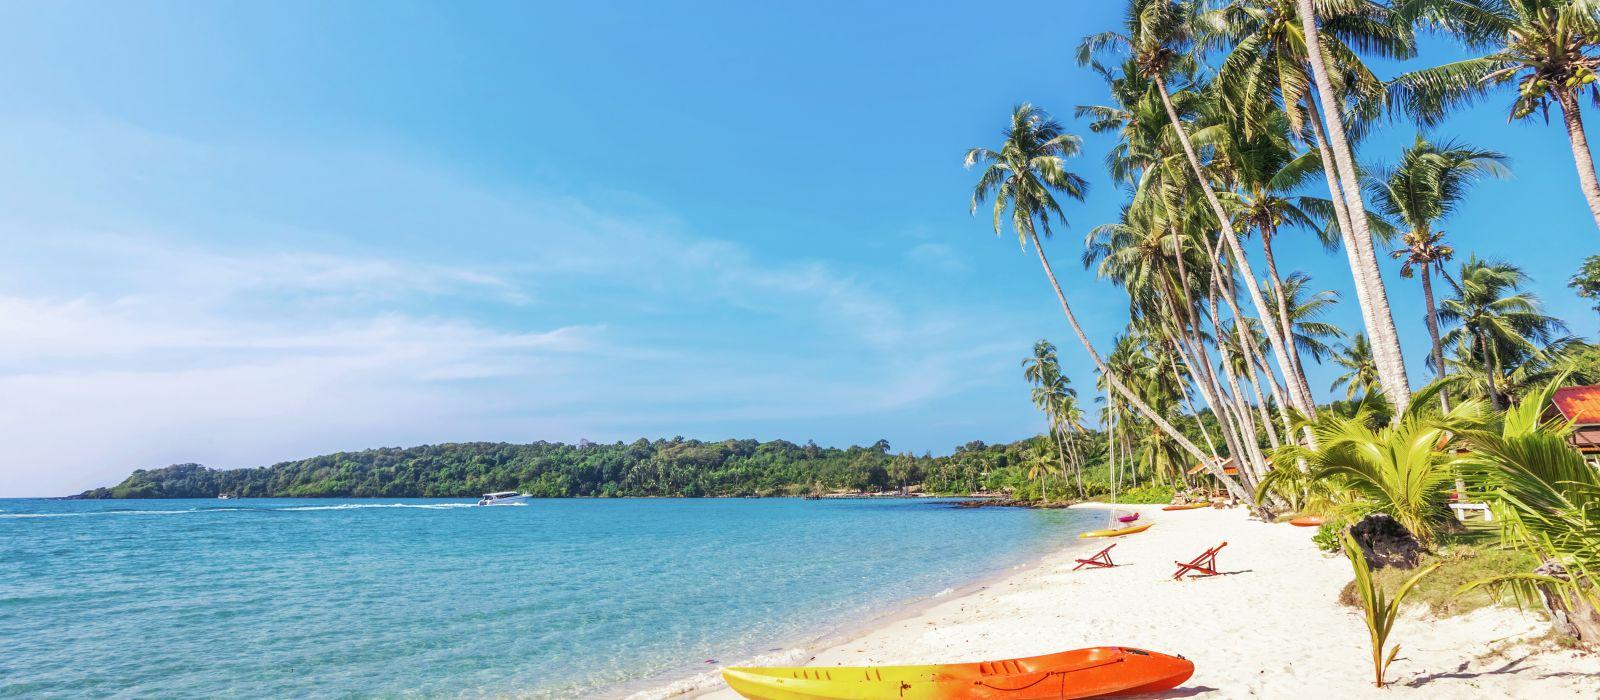 Hotel Salinda Resort Phu Quoc Island Vietnam